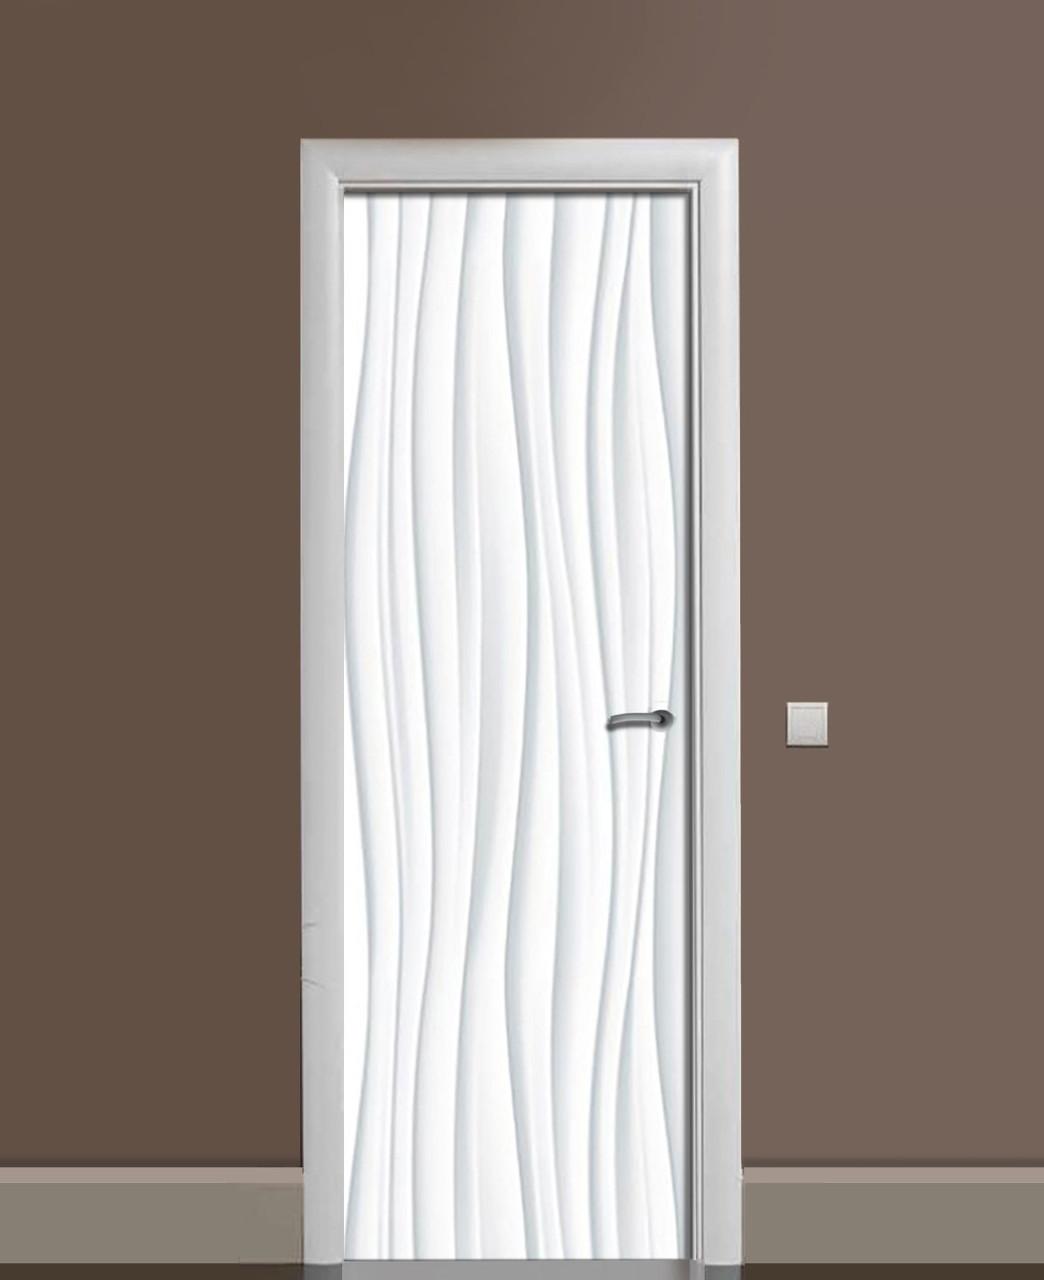 Декор двери Наклейка виниловая Волны Линии ПВХ пленка с ламинацией 65*200см Абстракция Серый